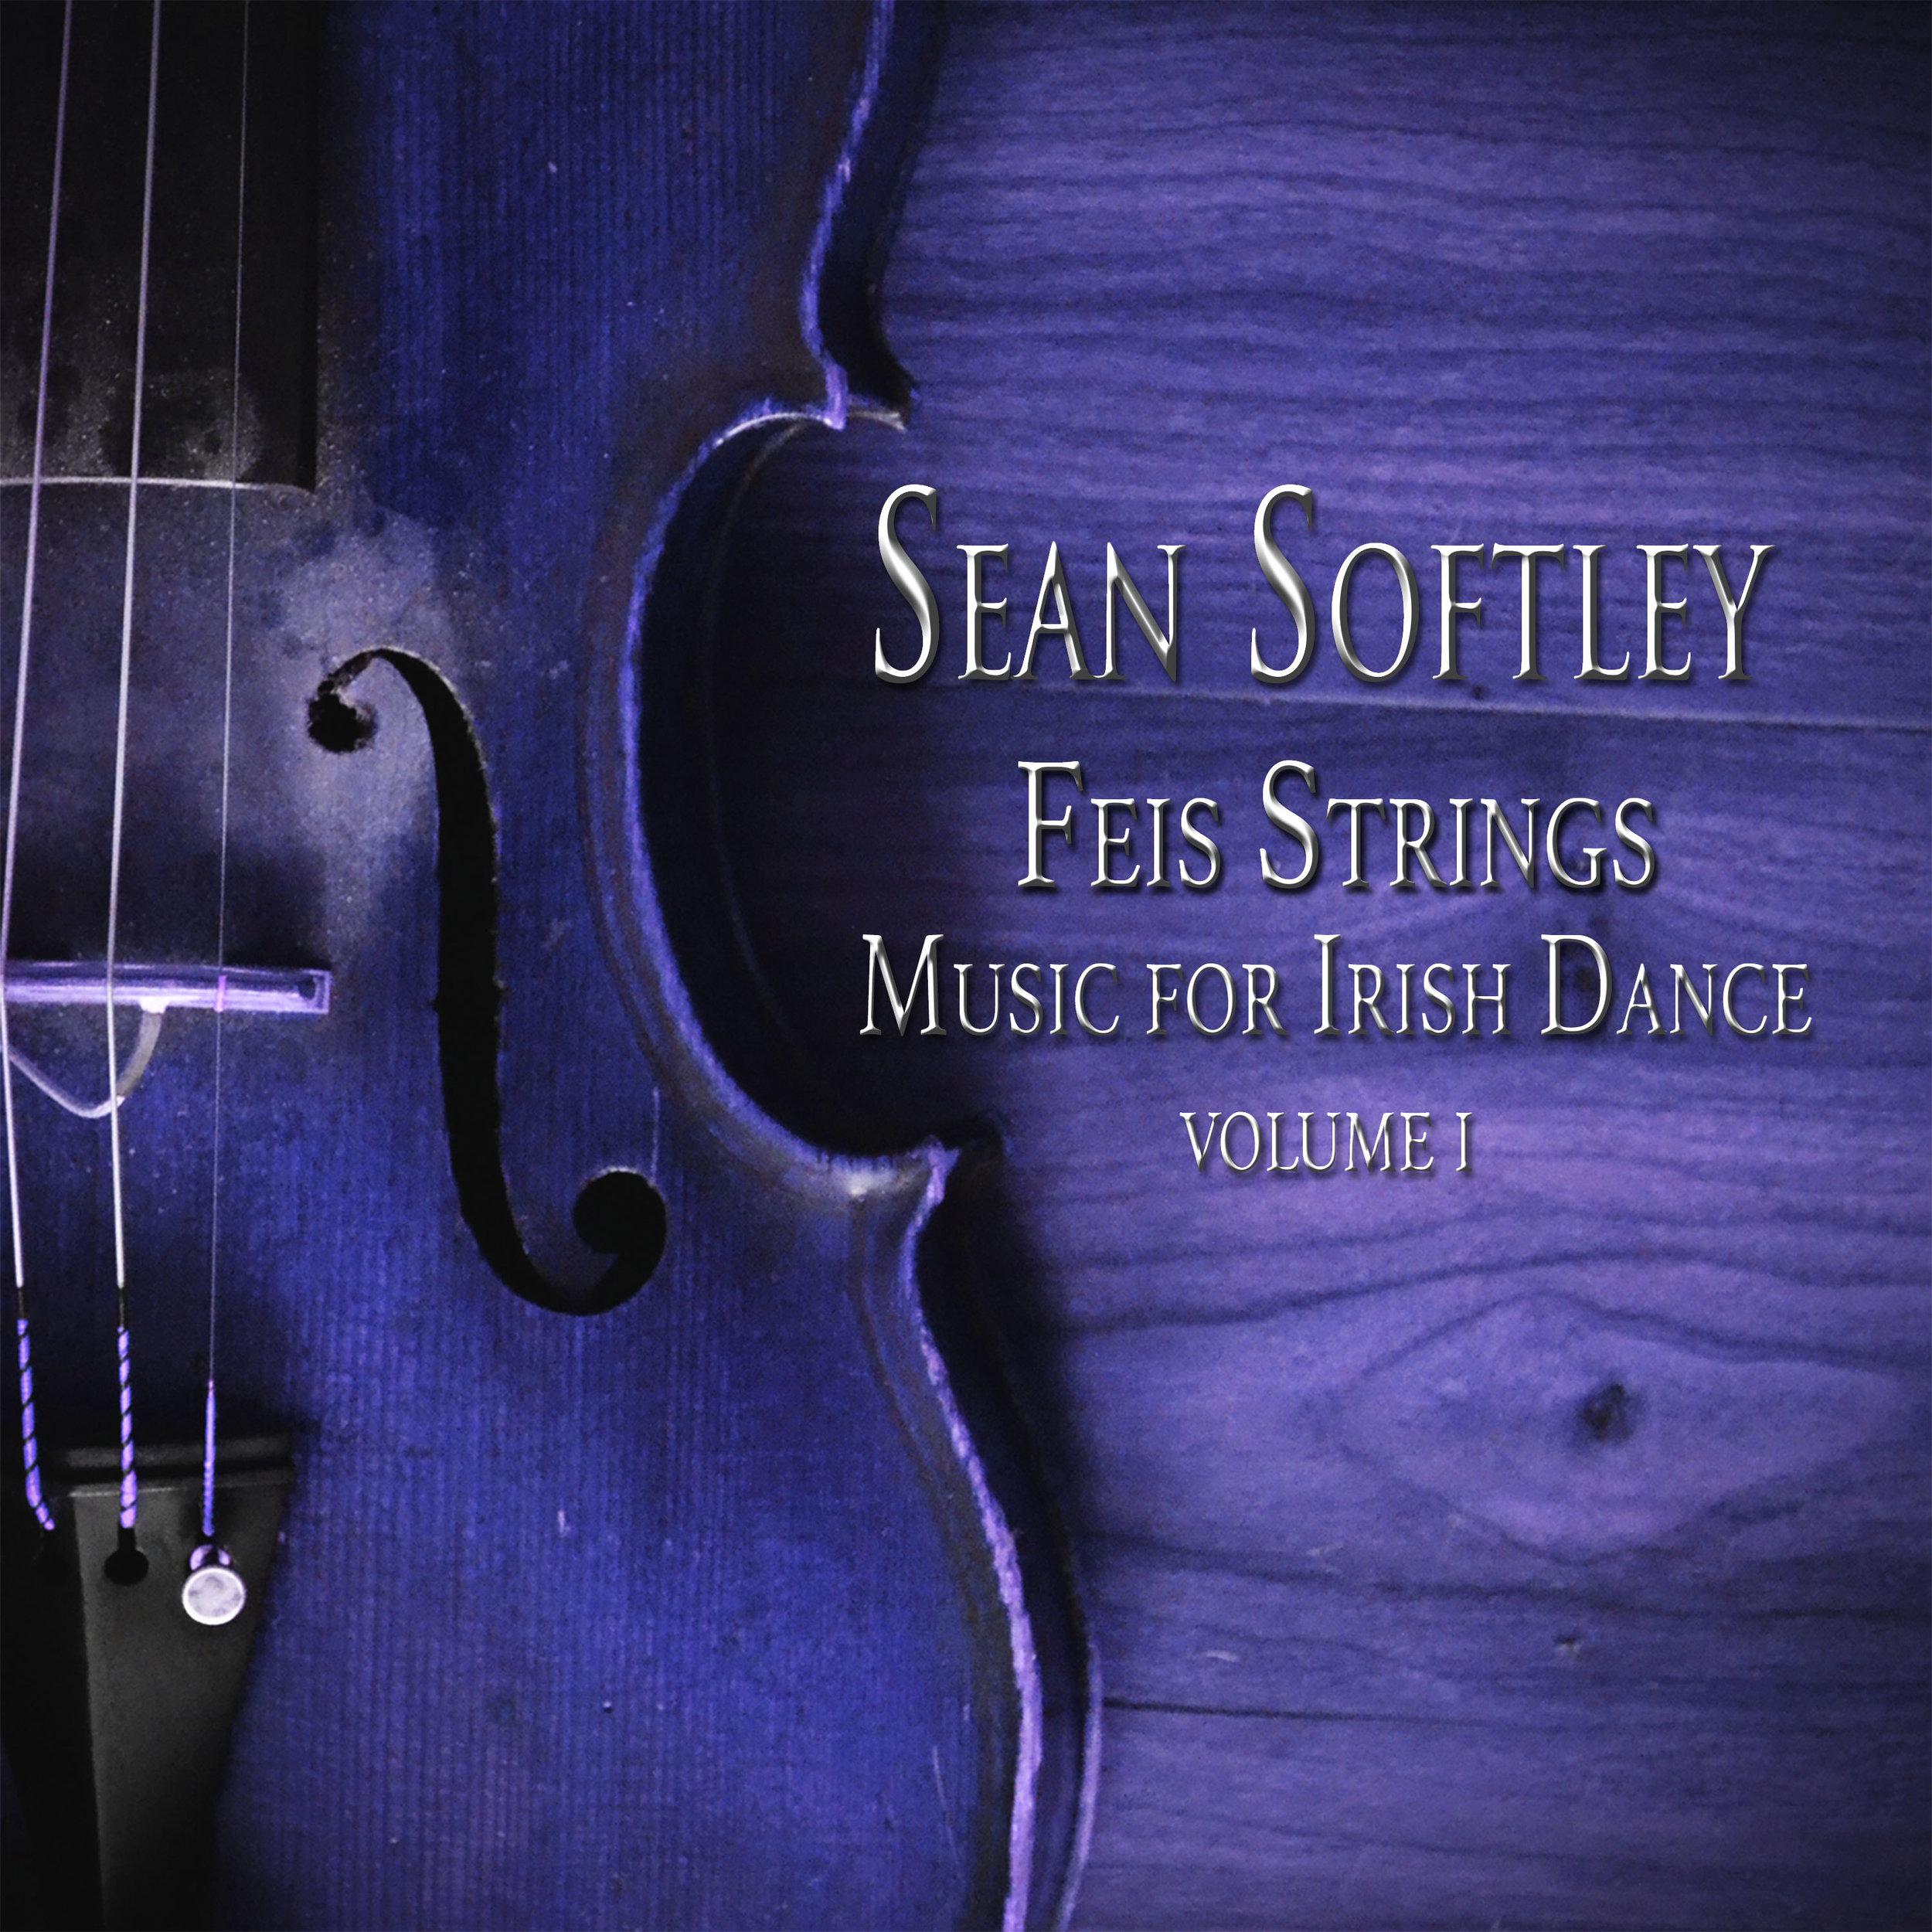 Sean Softley Feis Strings Vol 1 Large.jpg